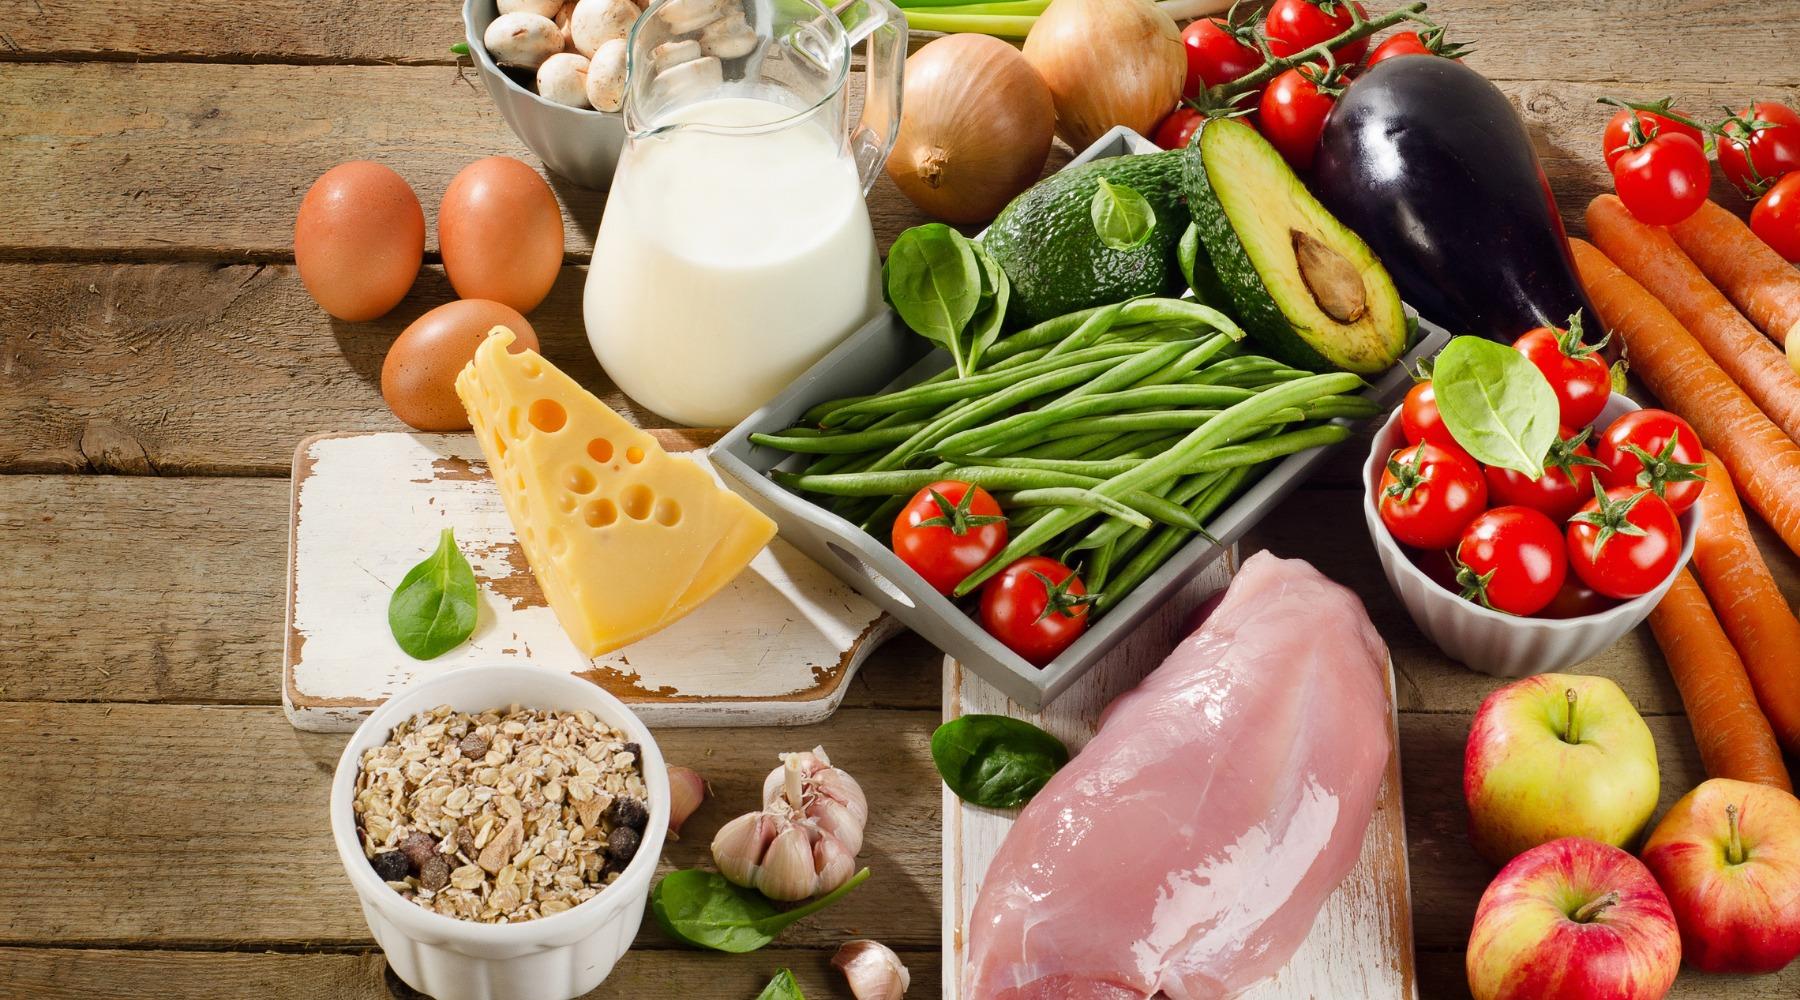 食事 バランス 栄養